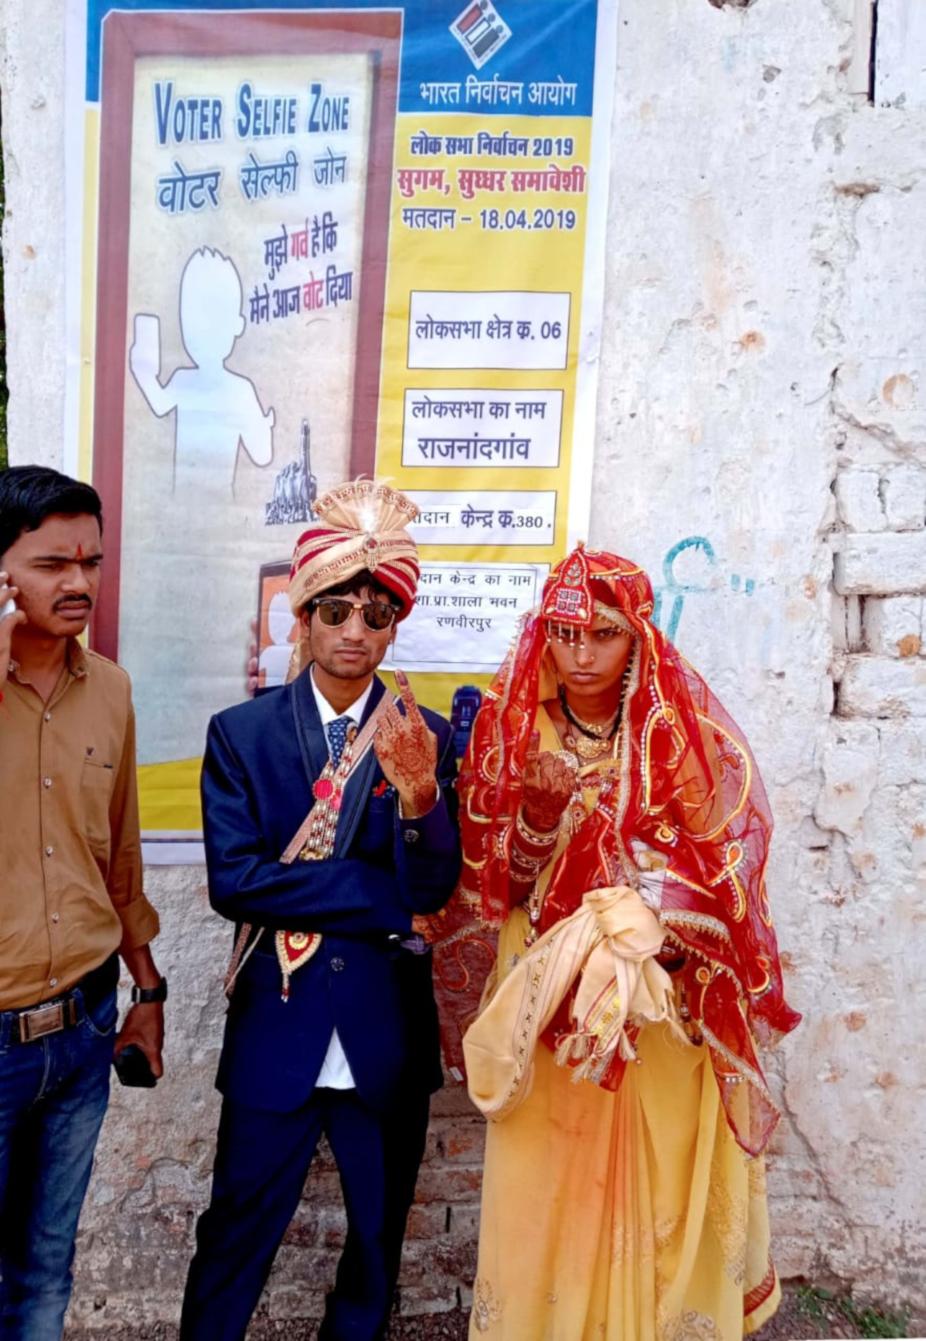 कवर्धा में इस नव विवाहित जोड़े ने भी सात फेरों के तुरंत बाद मतदान कर जिम्मेदार नागरिक होने का वर्ज निभाया.